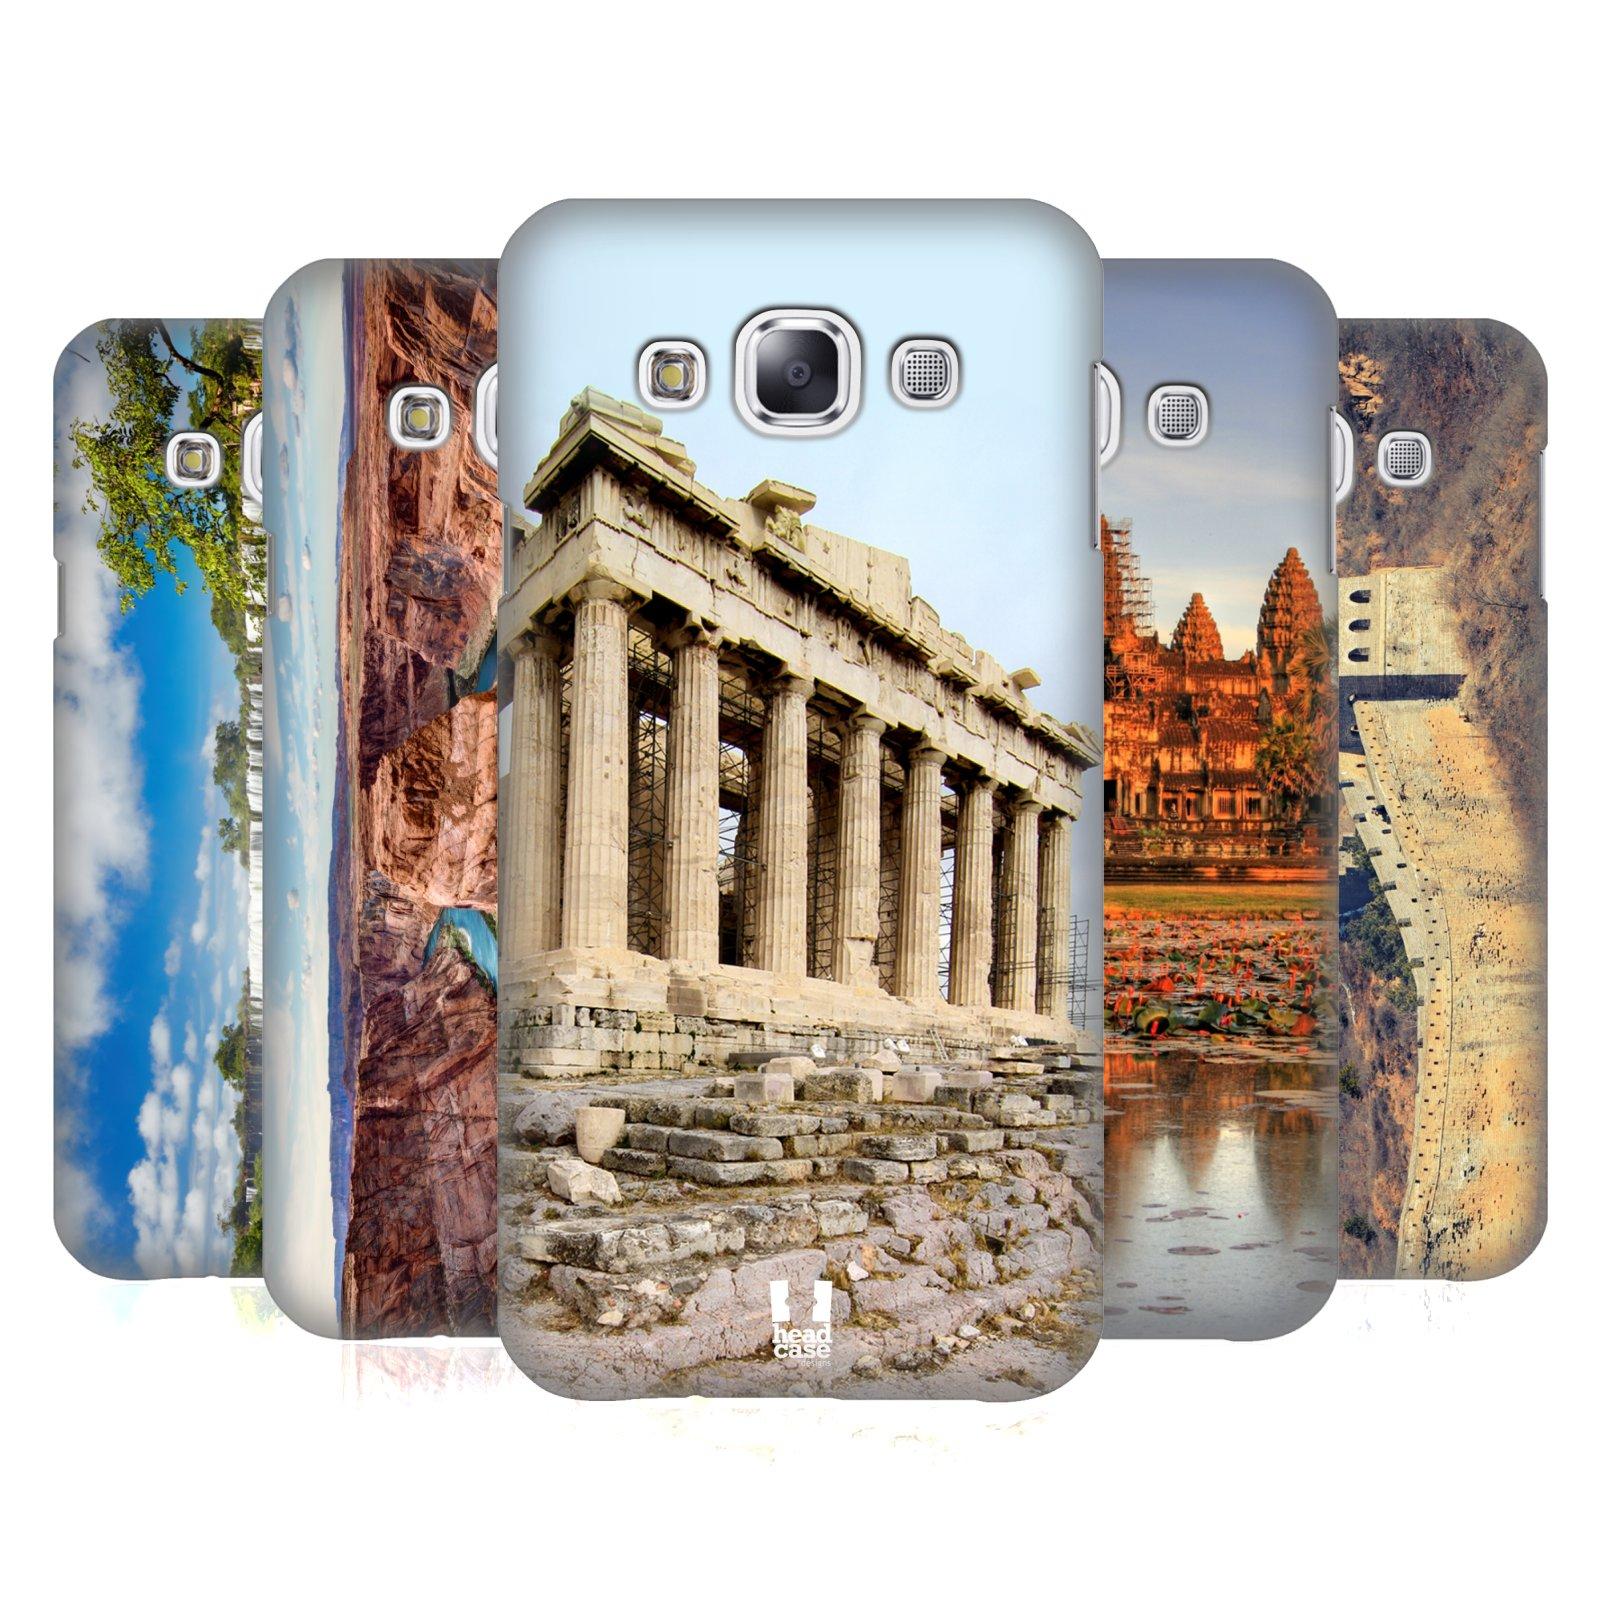 HEAD CASE DESIGNS FAMOUS LANDMARKS HARD BACK CASE FOR SAMSUNG PHONES 3